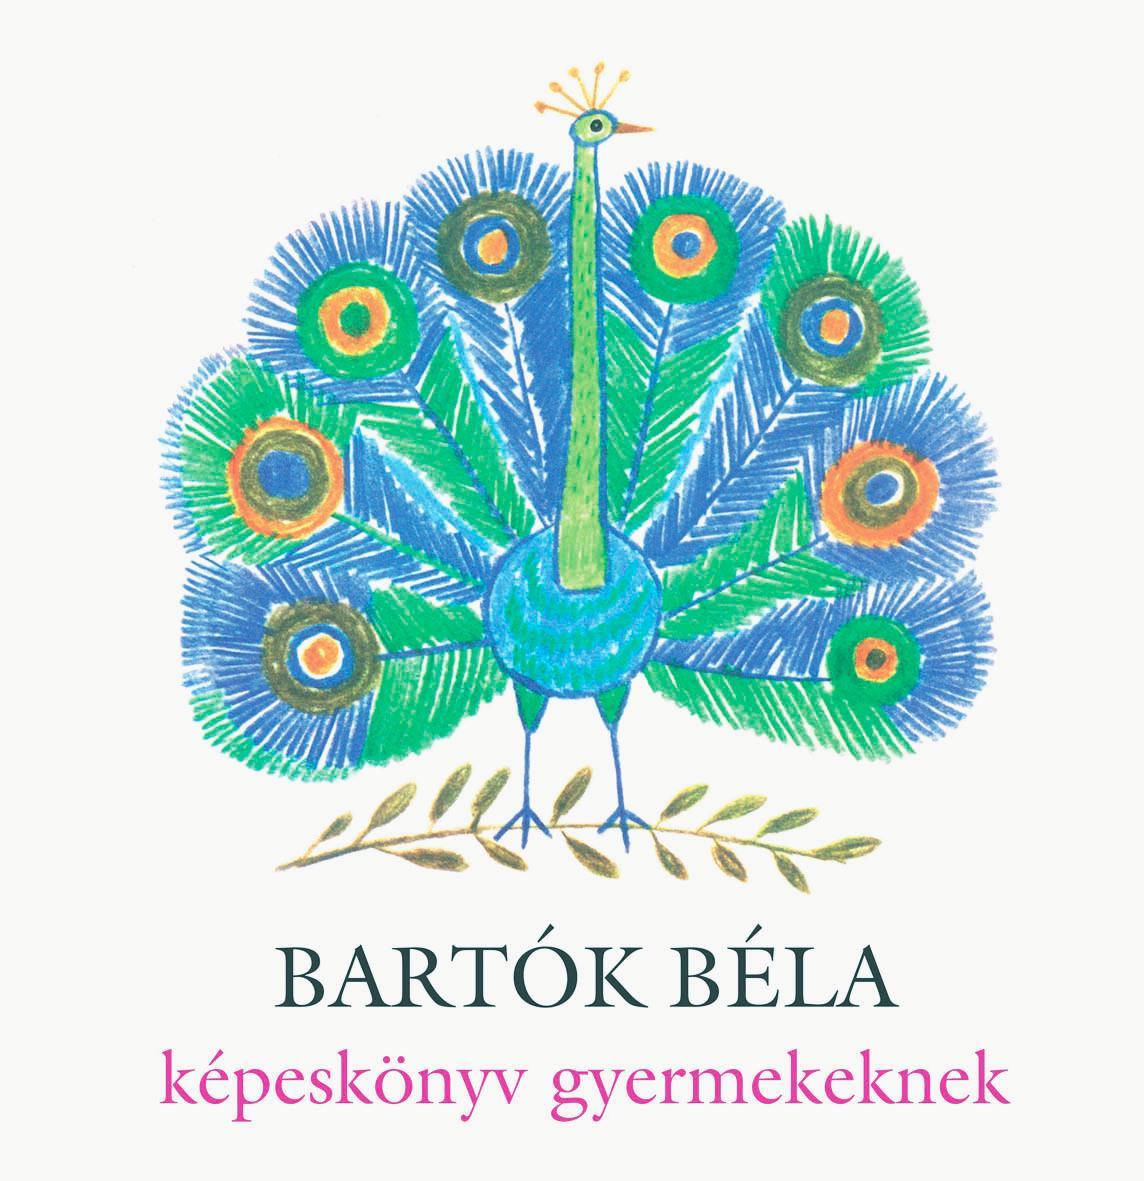 BARTÓK BÉLA KÉPESKÖNYV GYERMEKEKNEK + CD